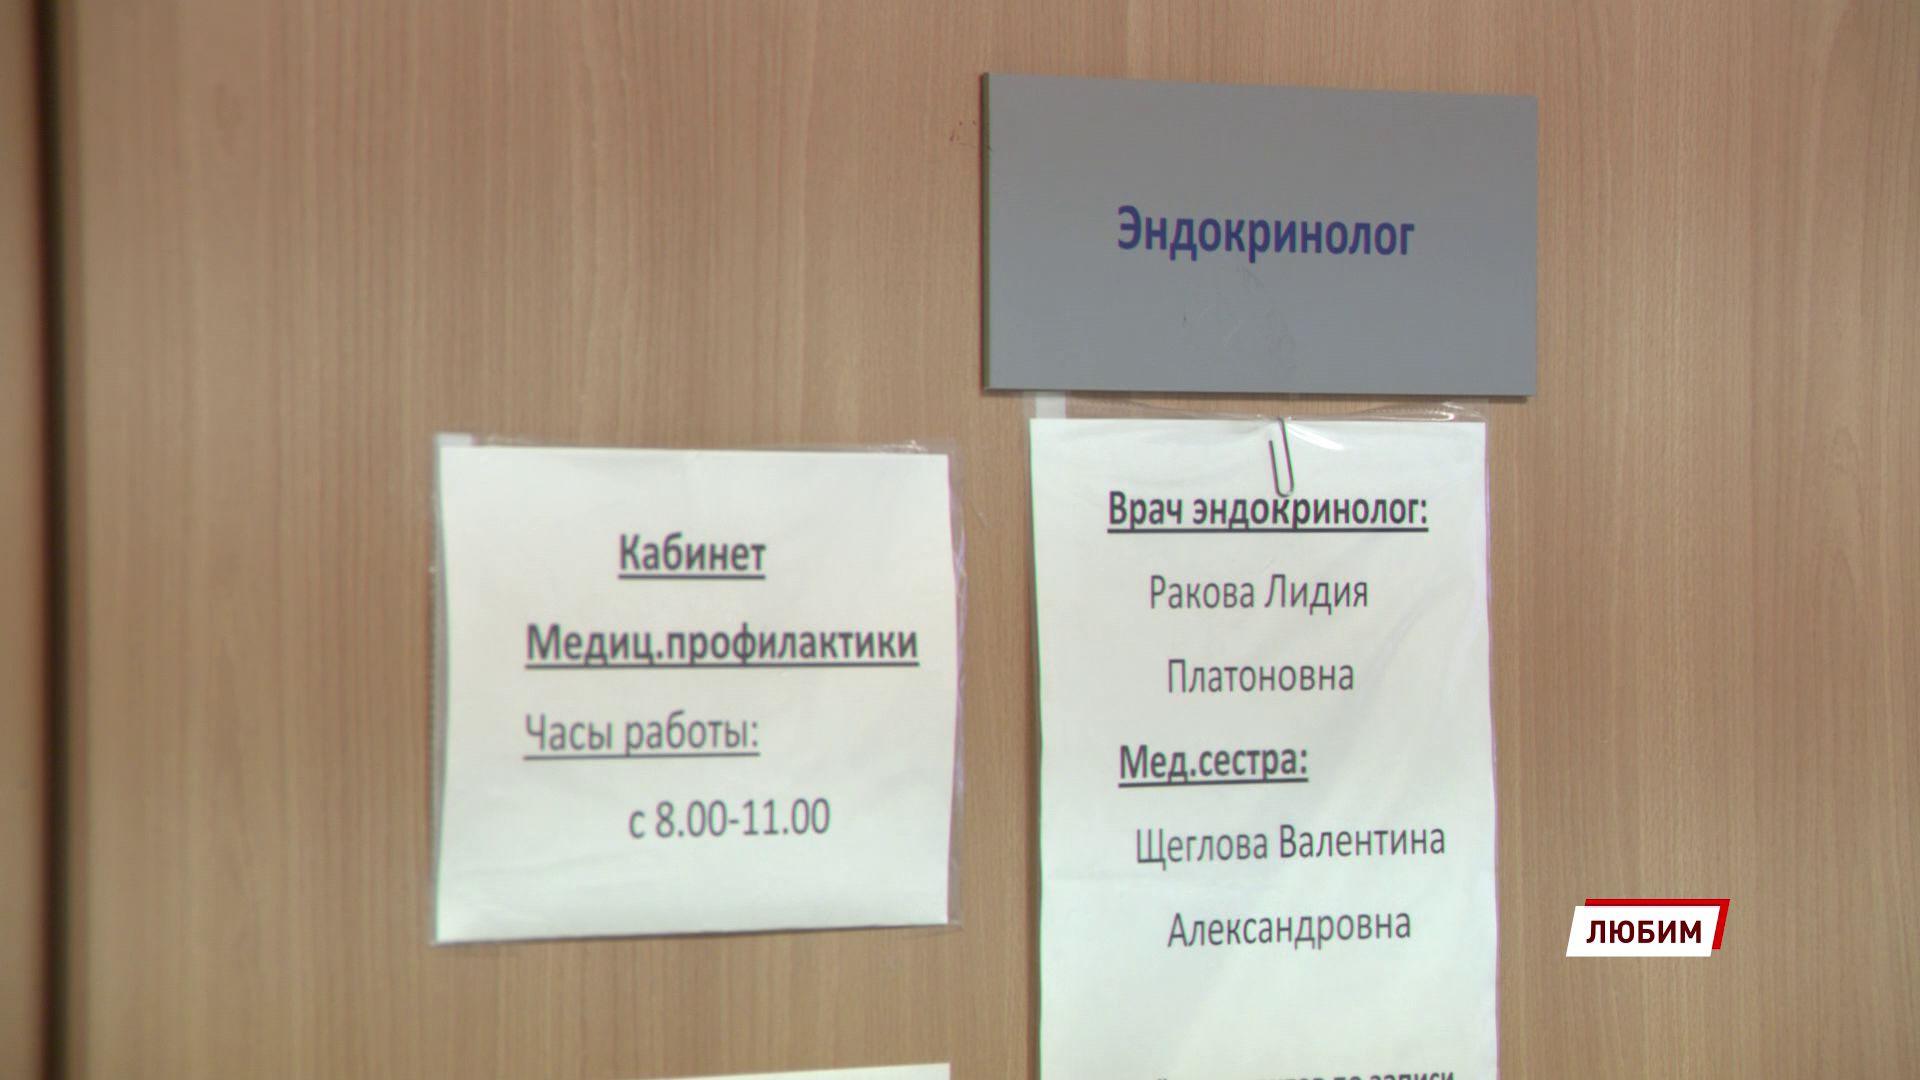 В Любимской ЦРБ возобновили плановый прием, но с ограничениями